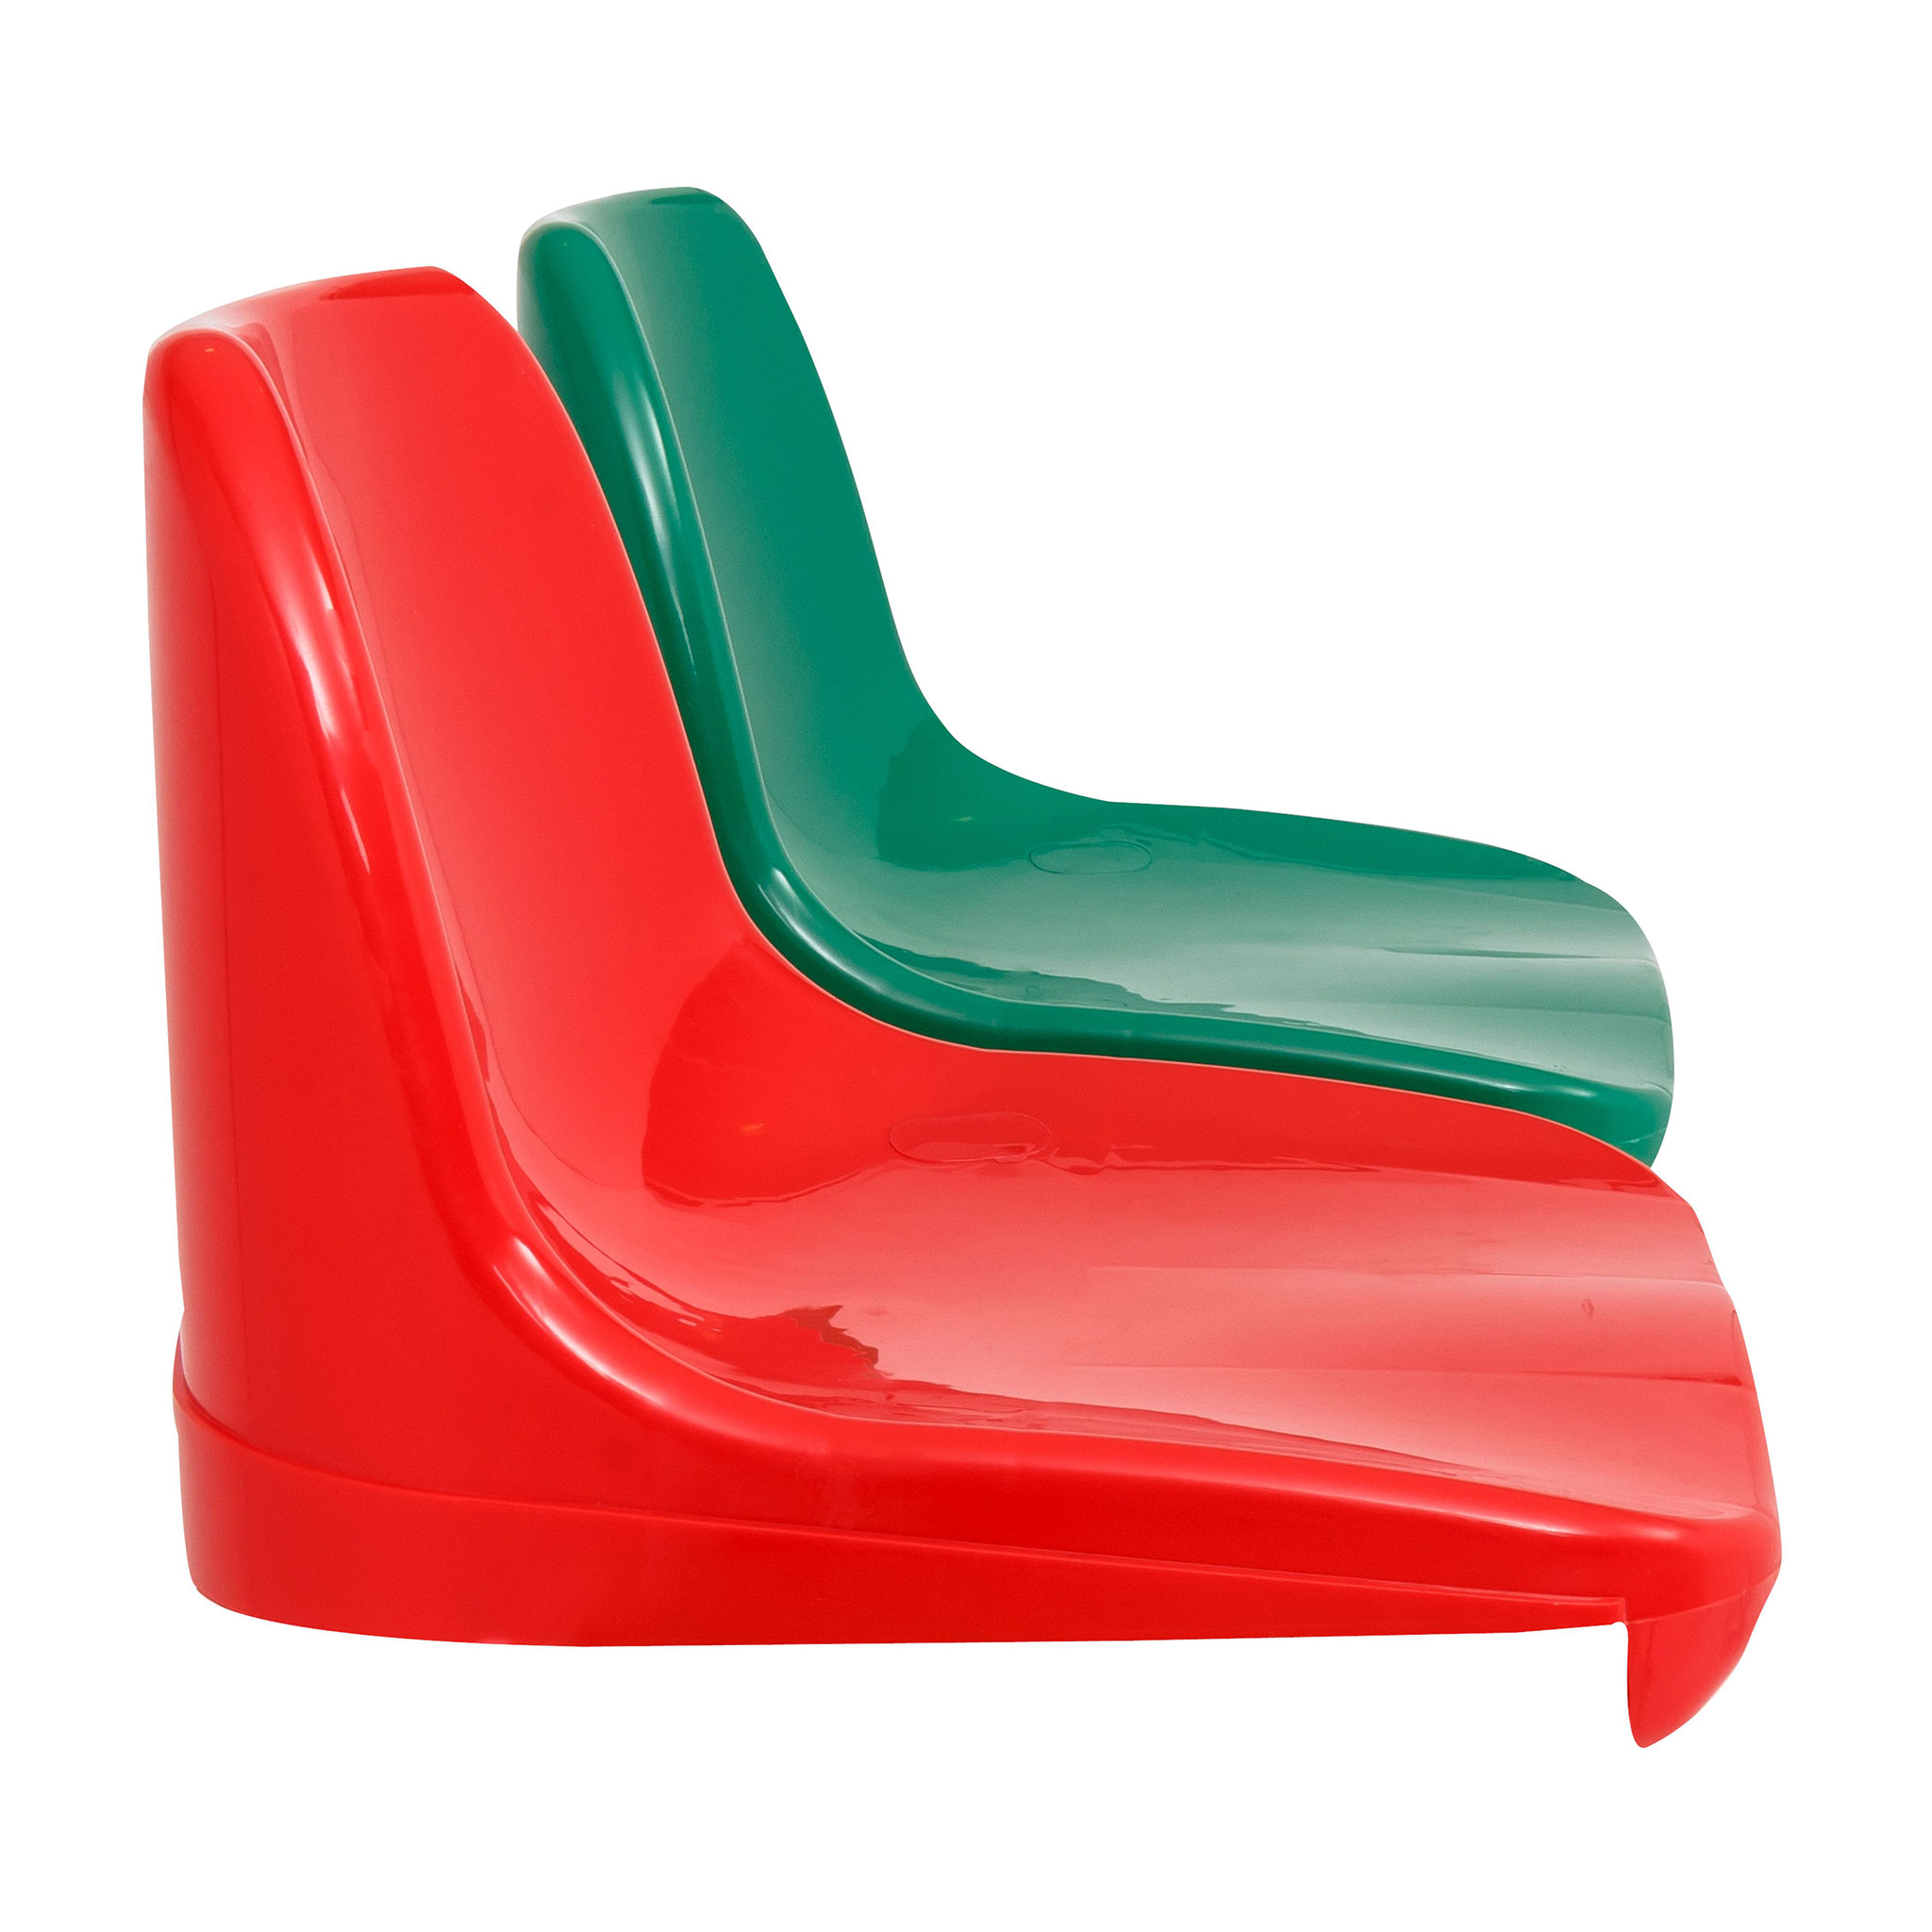 arena_monoblock_copolymer_pp_stadium_chair_seatorium_02